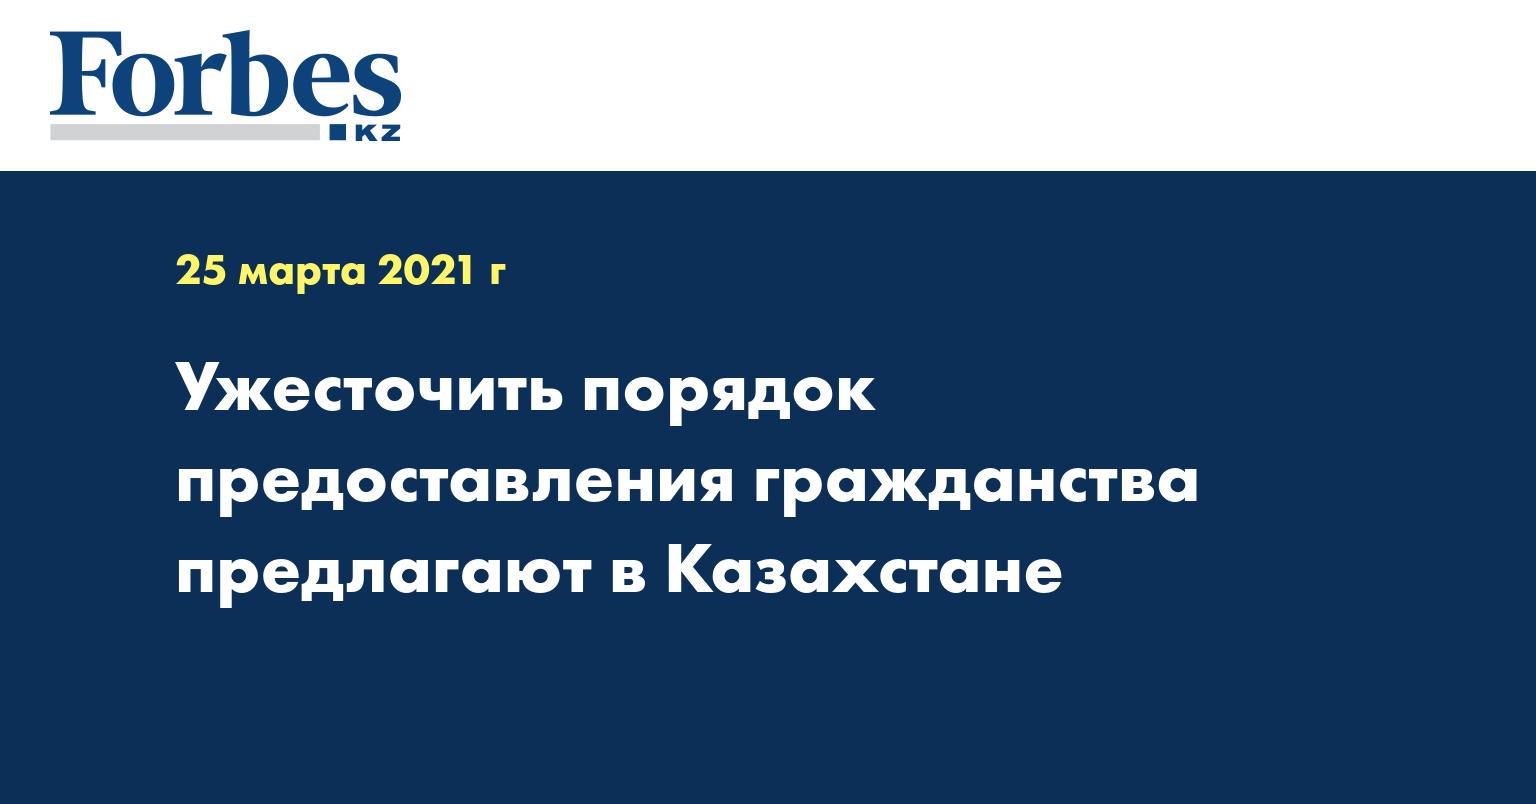 Ужесточить порядок предоставления гражданства предлагают в Казахстане